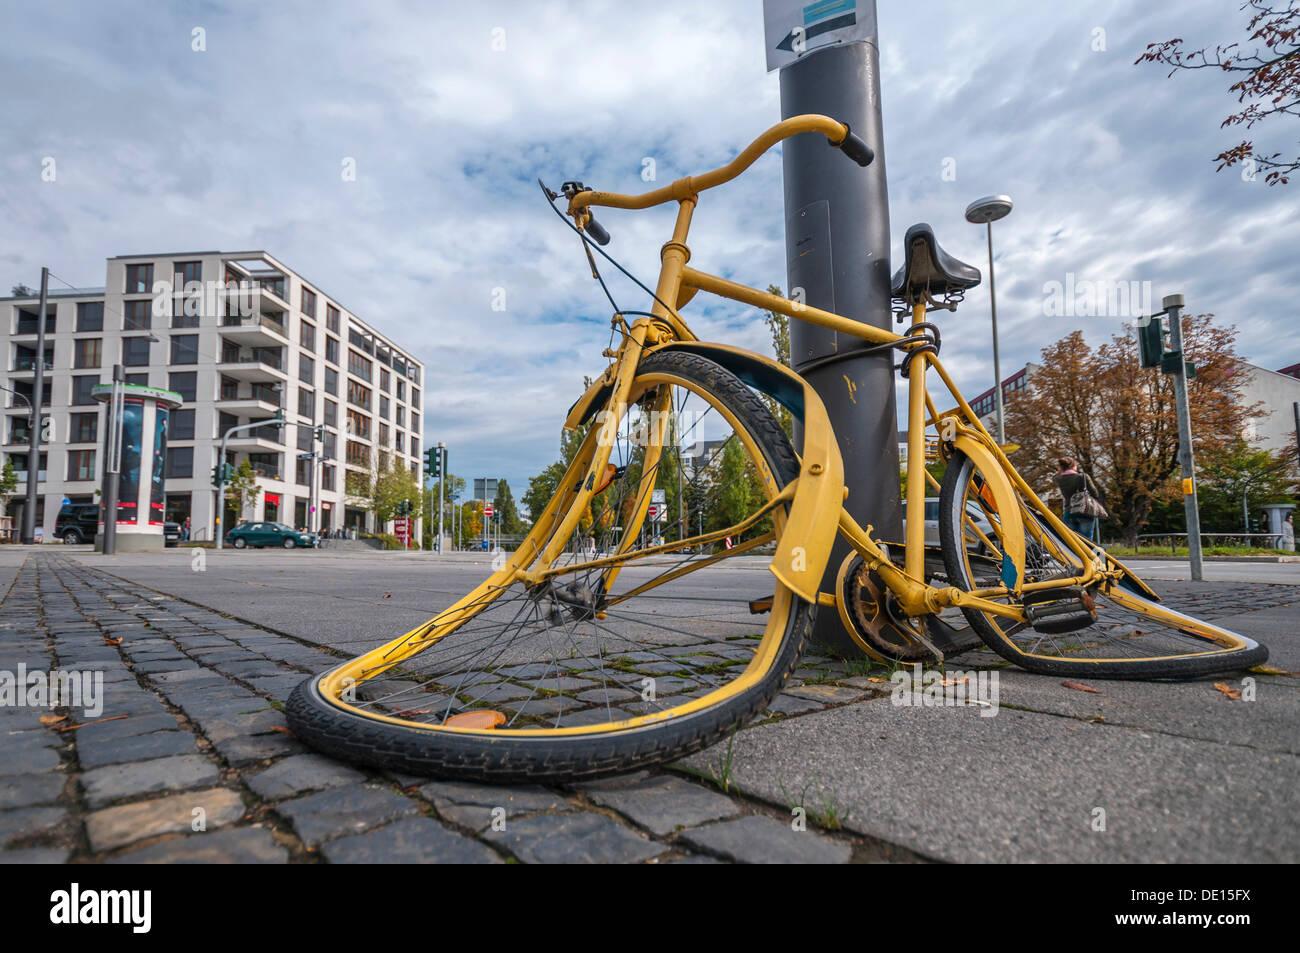 Vandalised bicycle, vandalism, Frankfurt am Main, Hesse, PublicGround - Stock Image